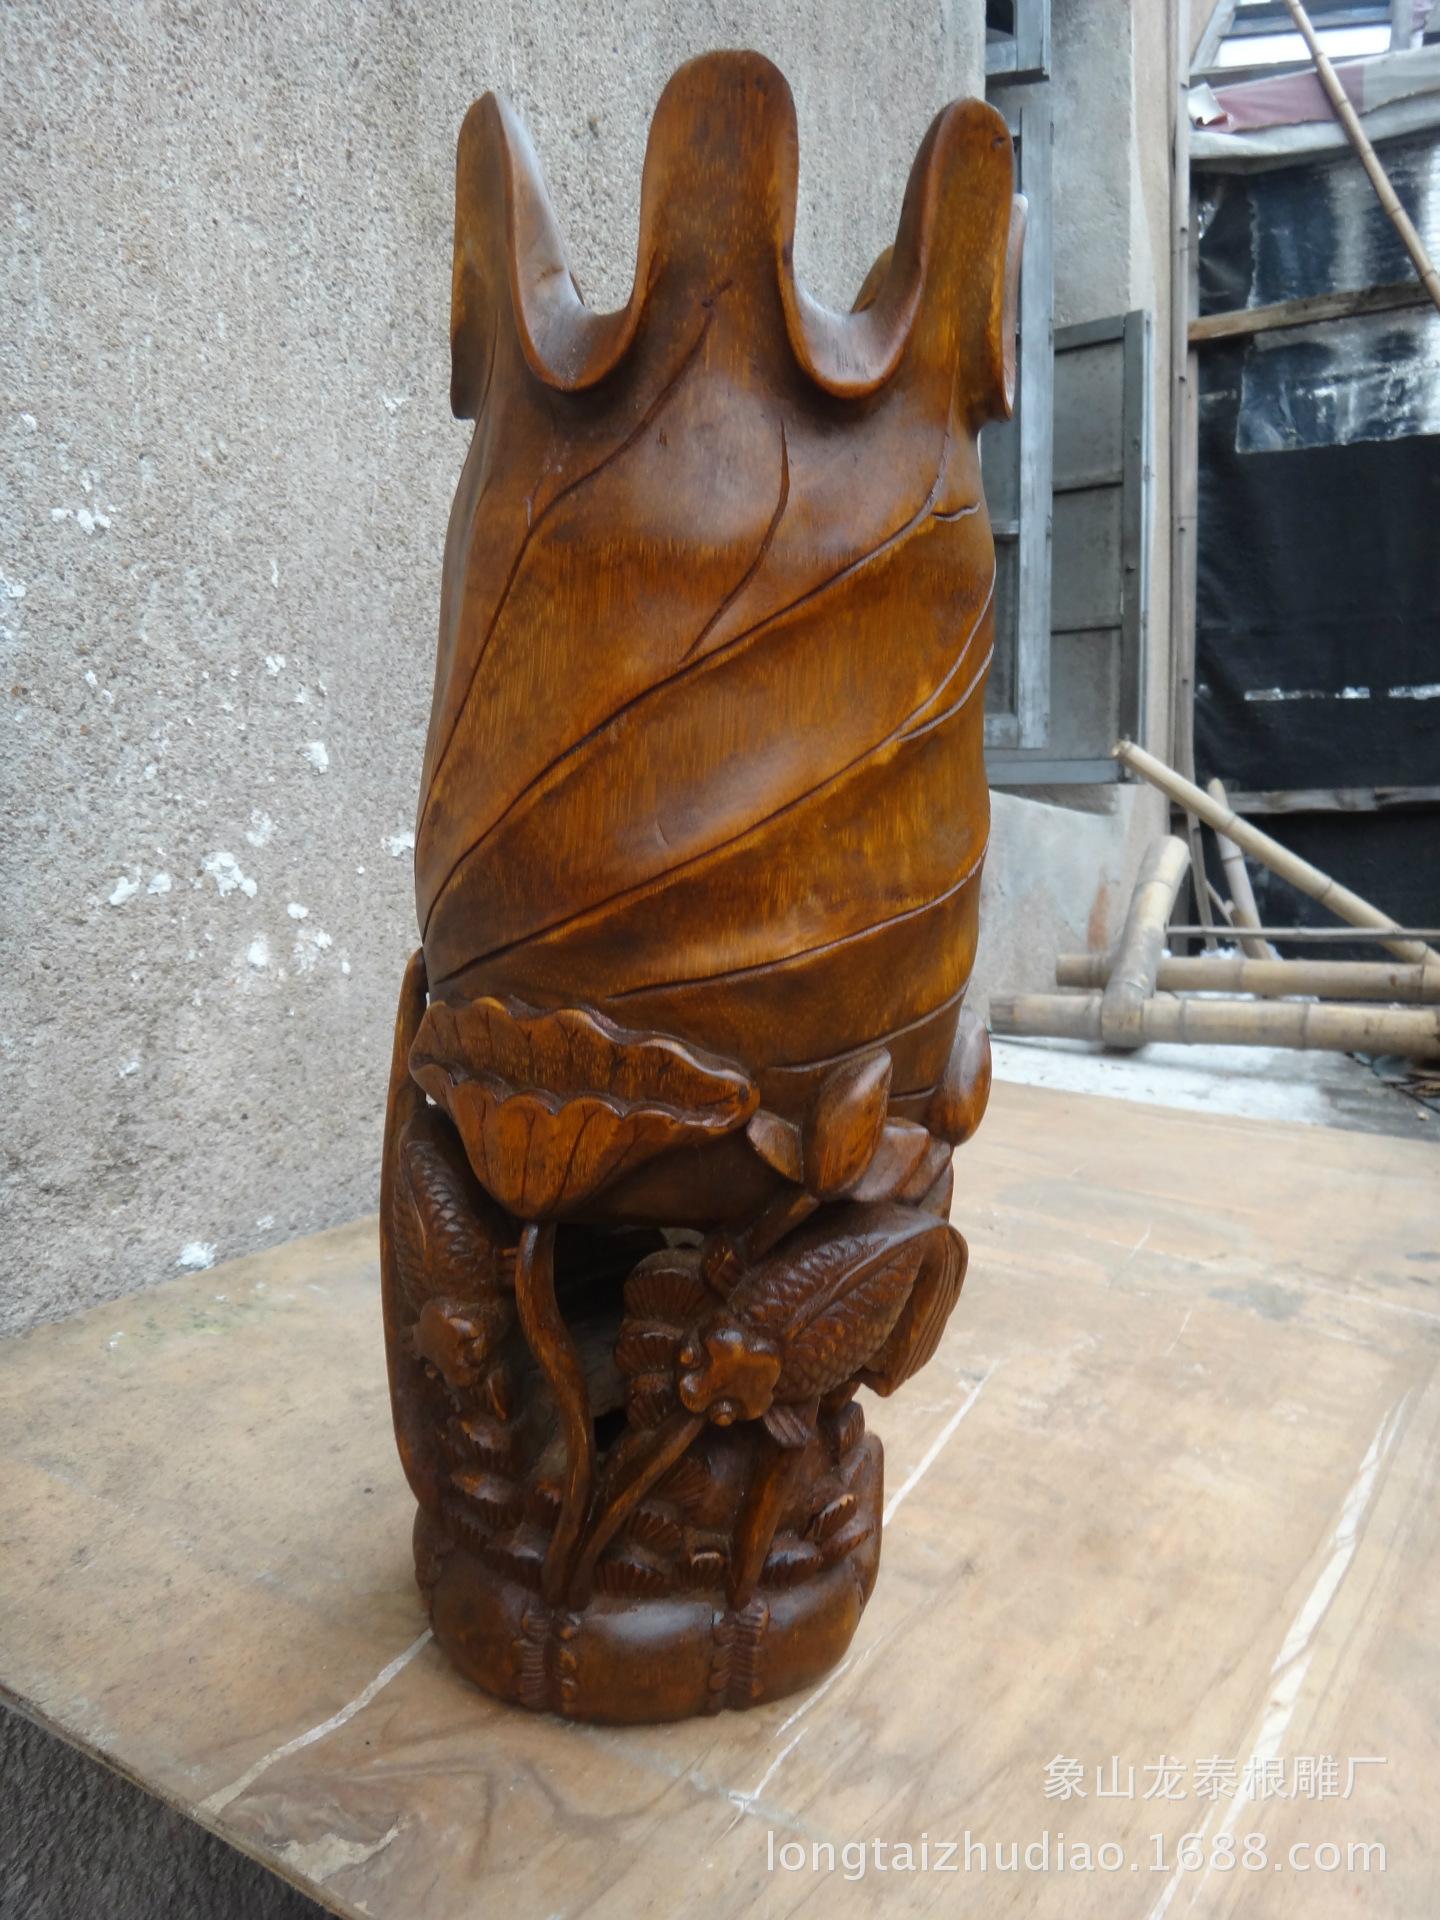 民间手工雕刻工艺品 象山竹根雕 金鱼花插摆件 礼品 -手工雕刻工艺品